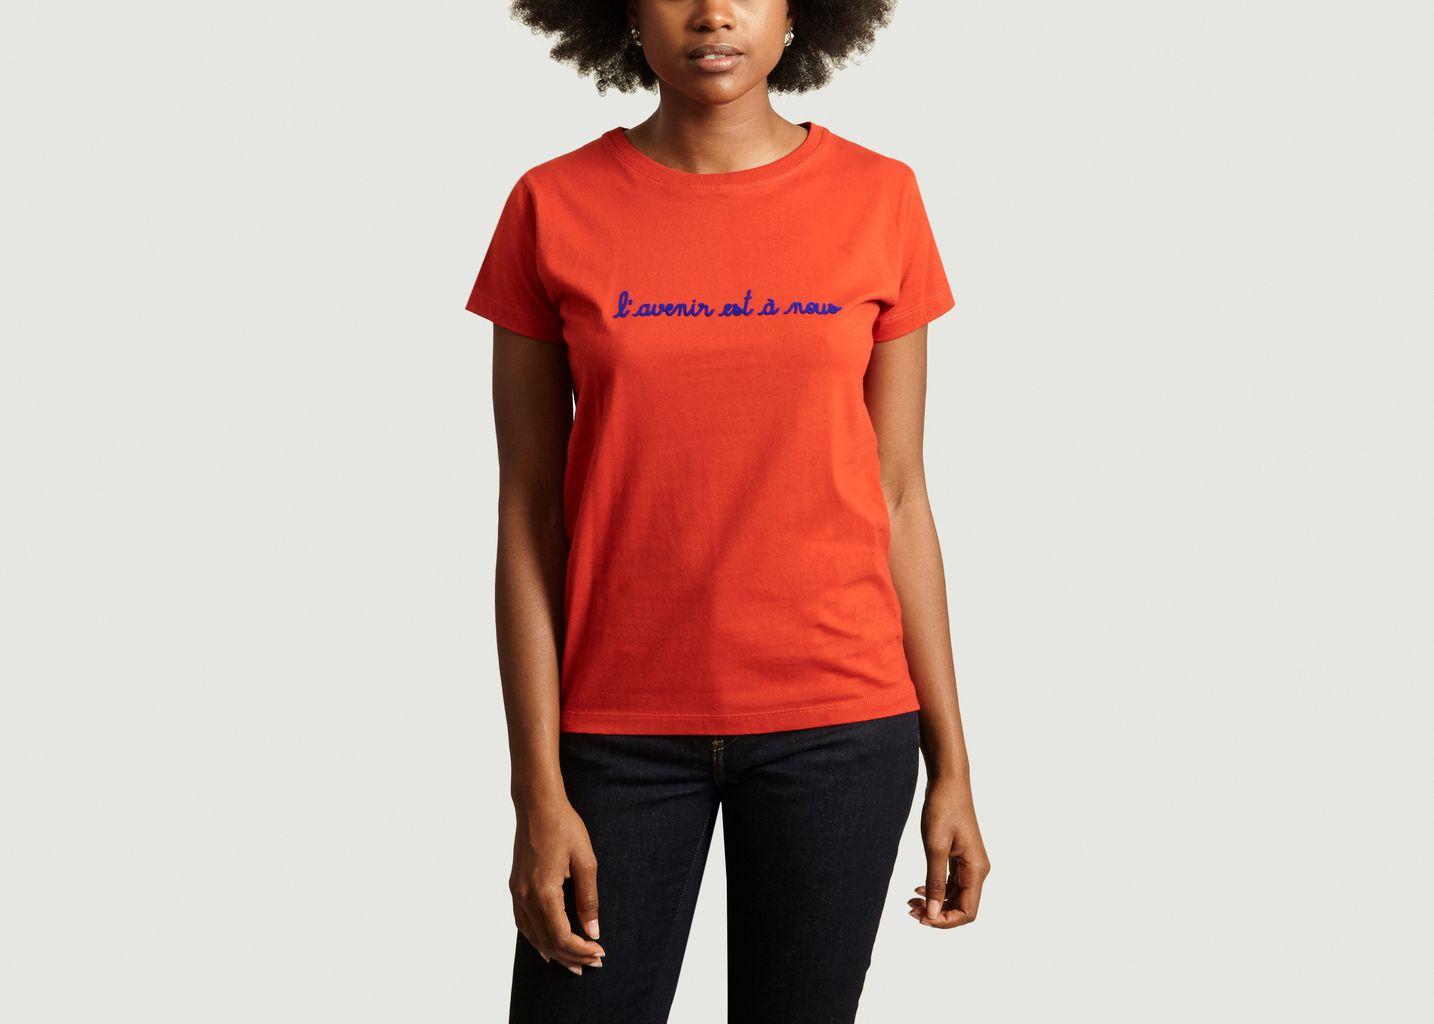 T-shirt L'avenir est à Nous - Maison Labiche